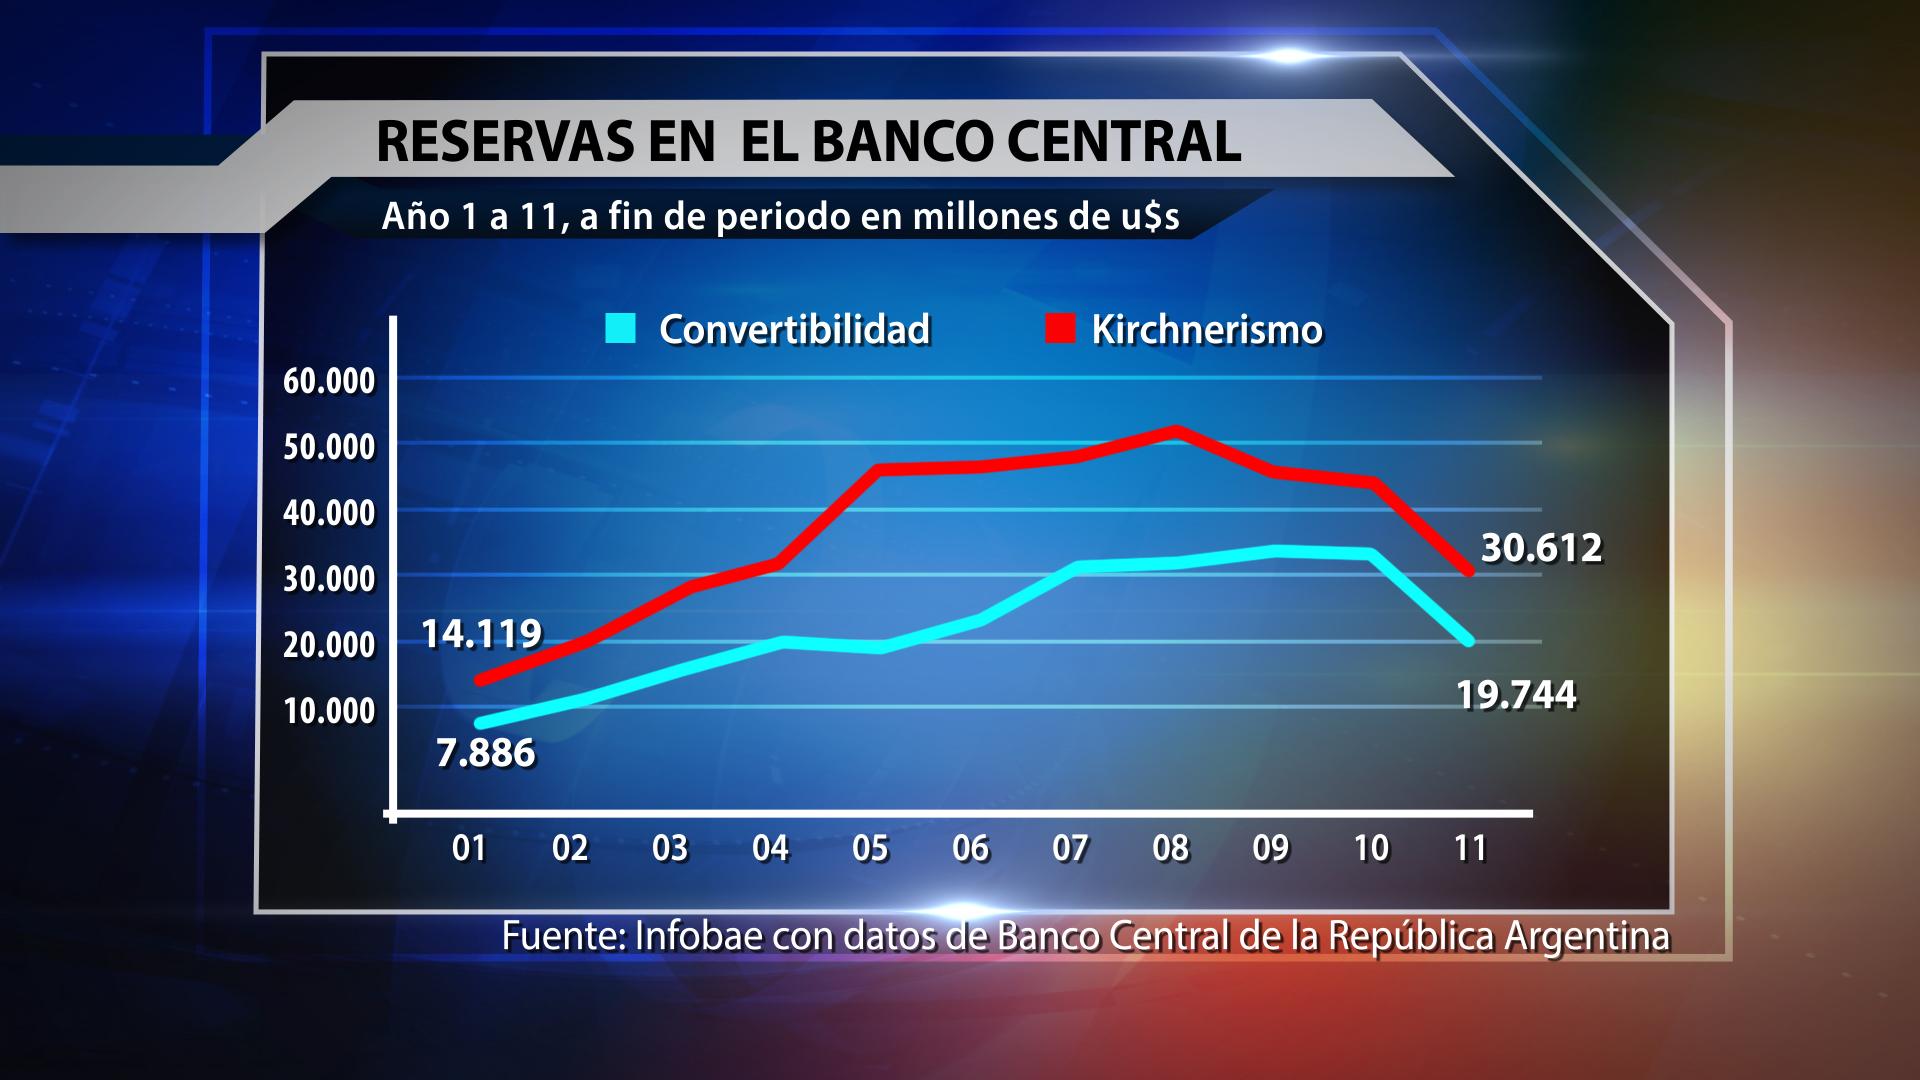 Reservas en el Banco Central